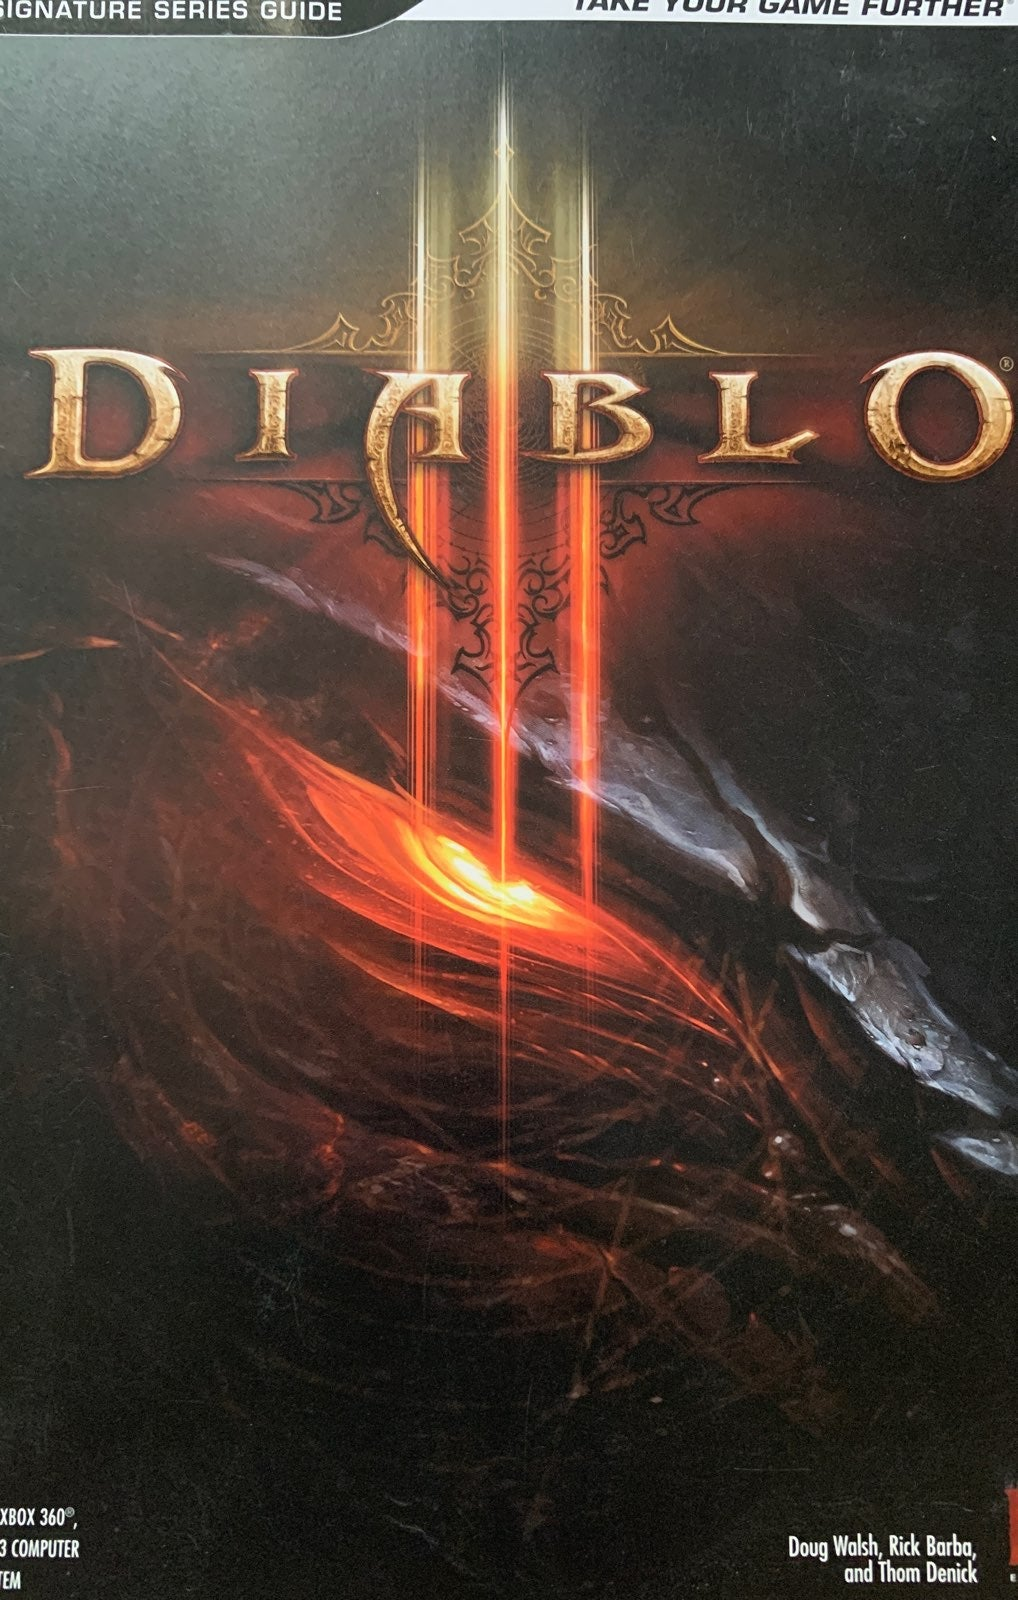 Diablo 3 Strategy Guide